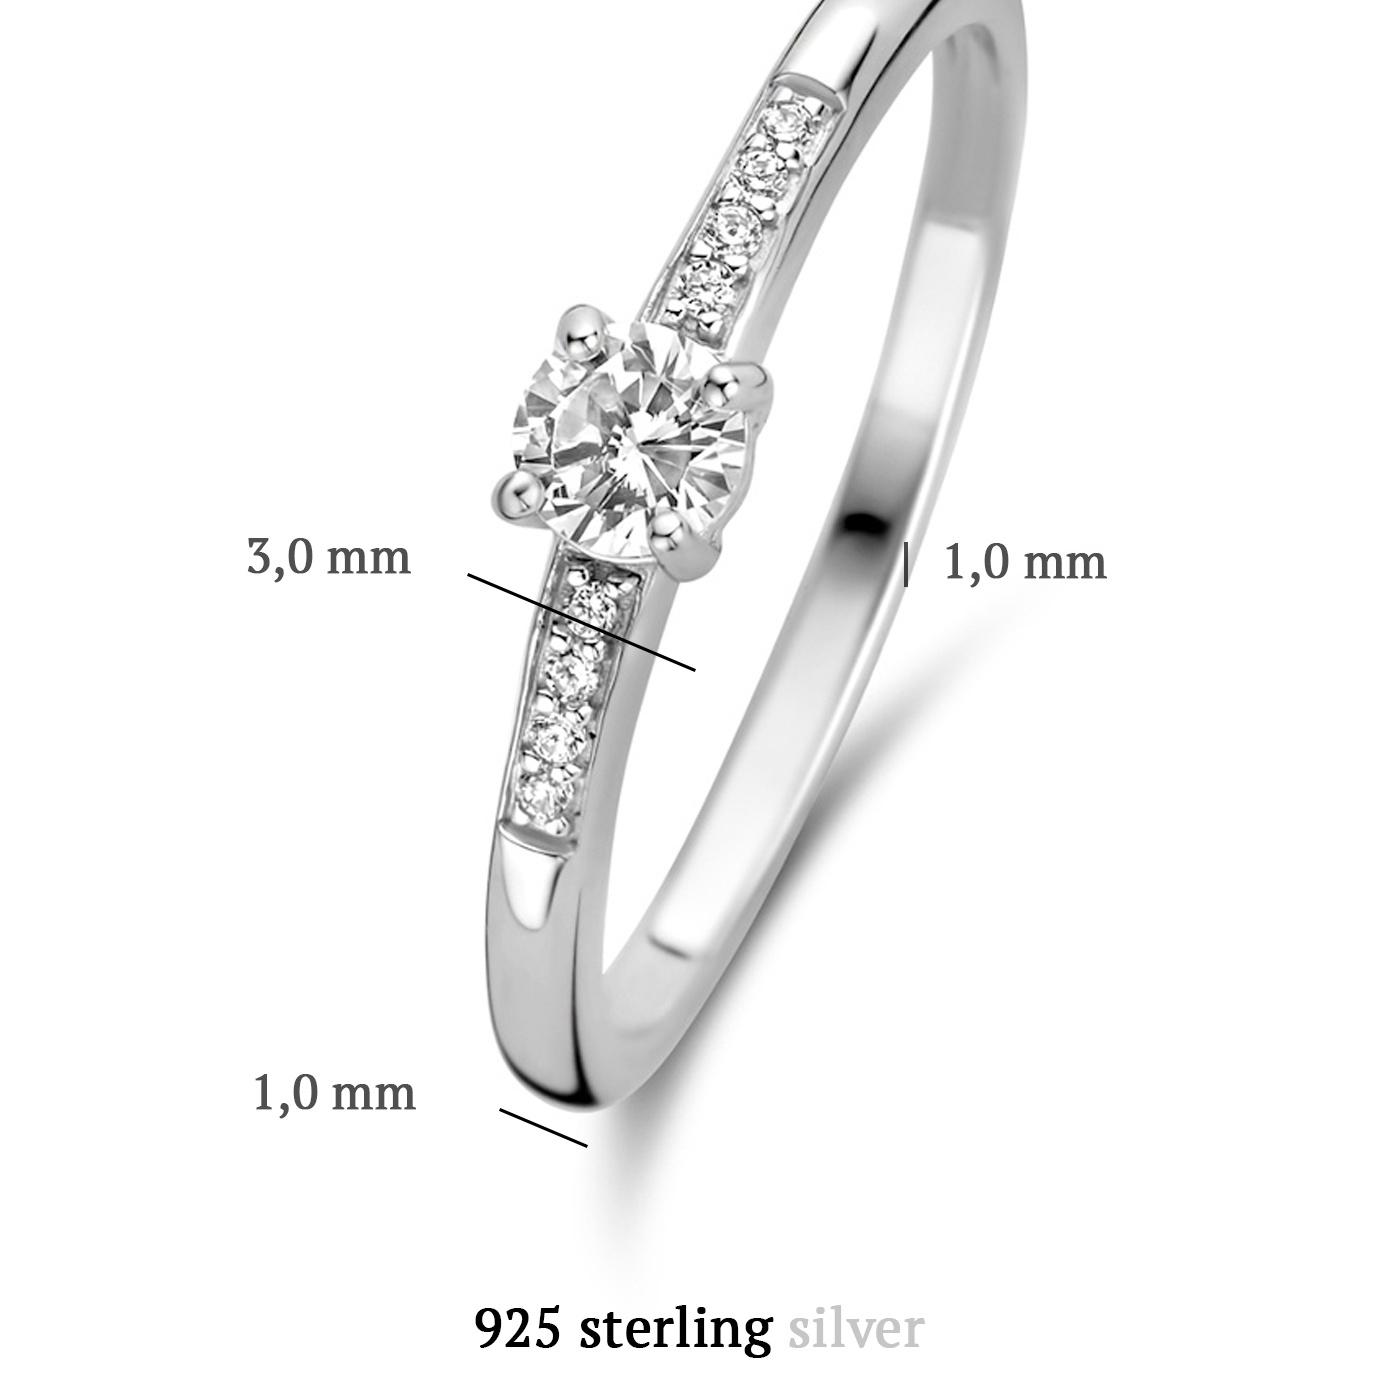 Parte di Me Ponte Vecchio Pitti anello in argento sterling 925